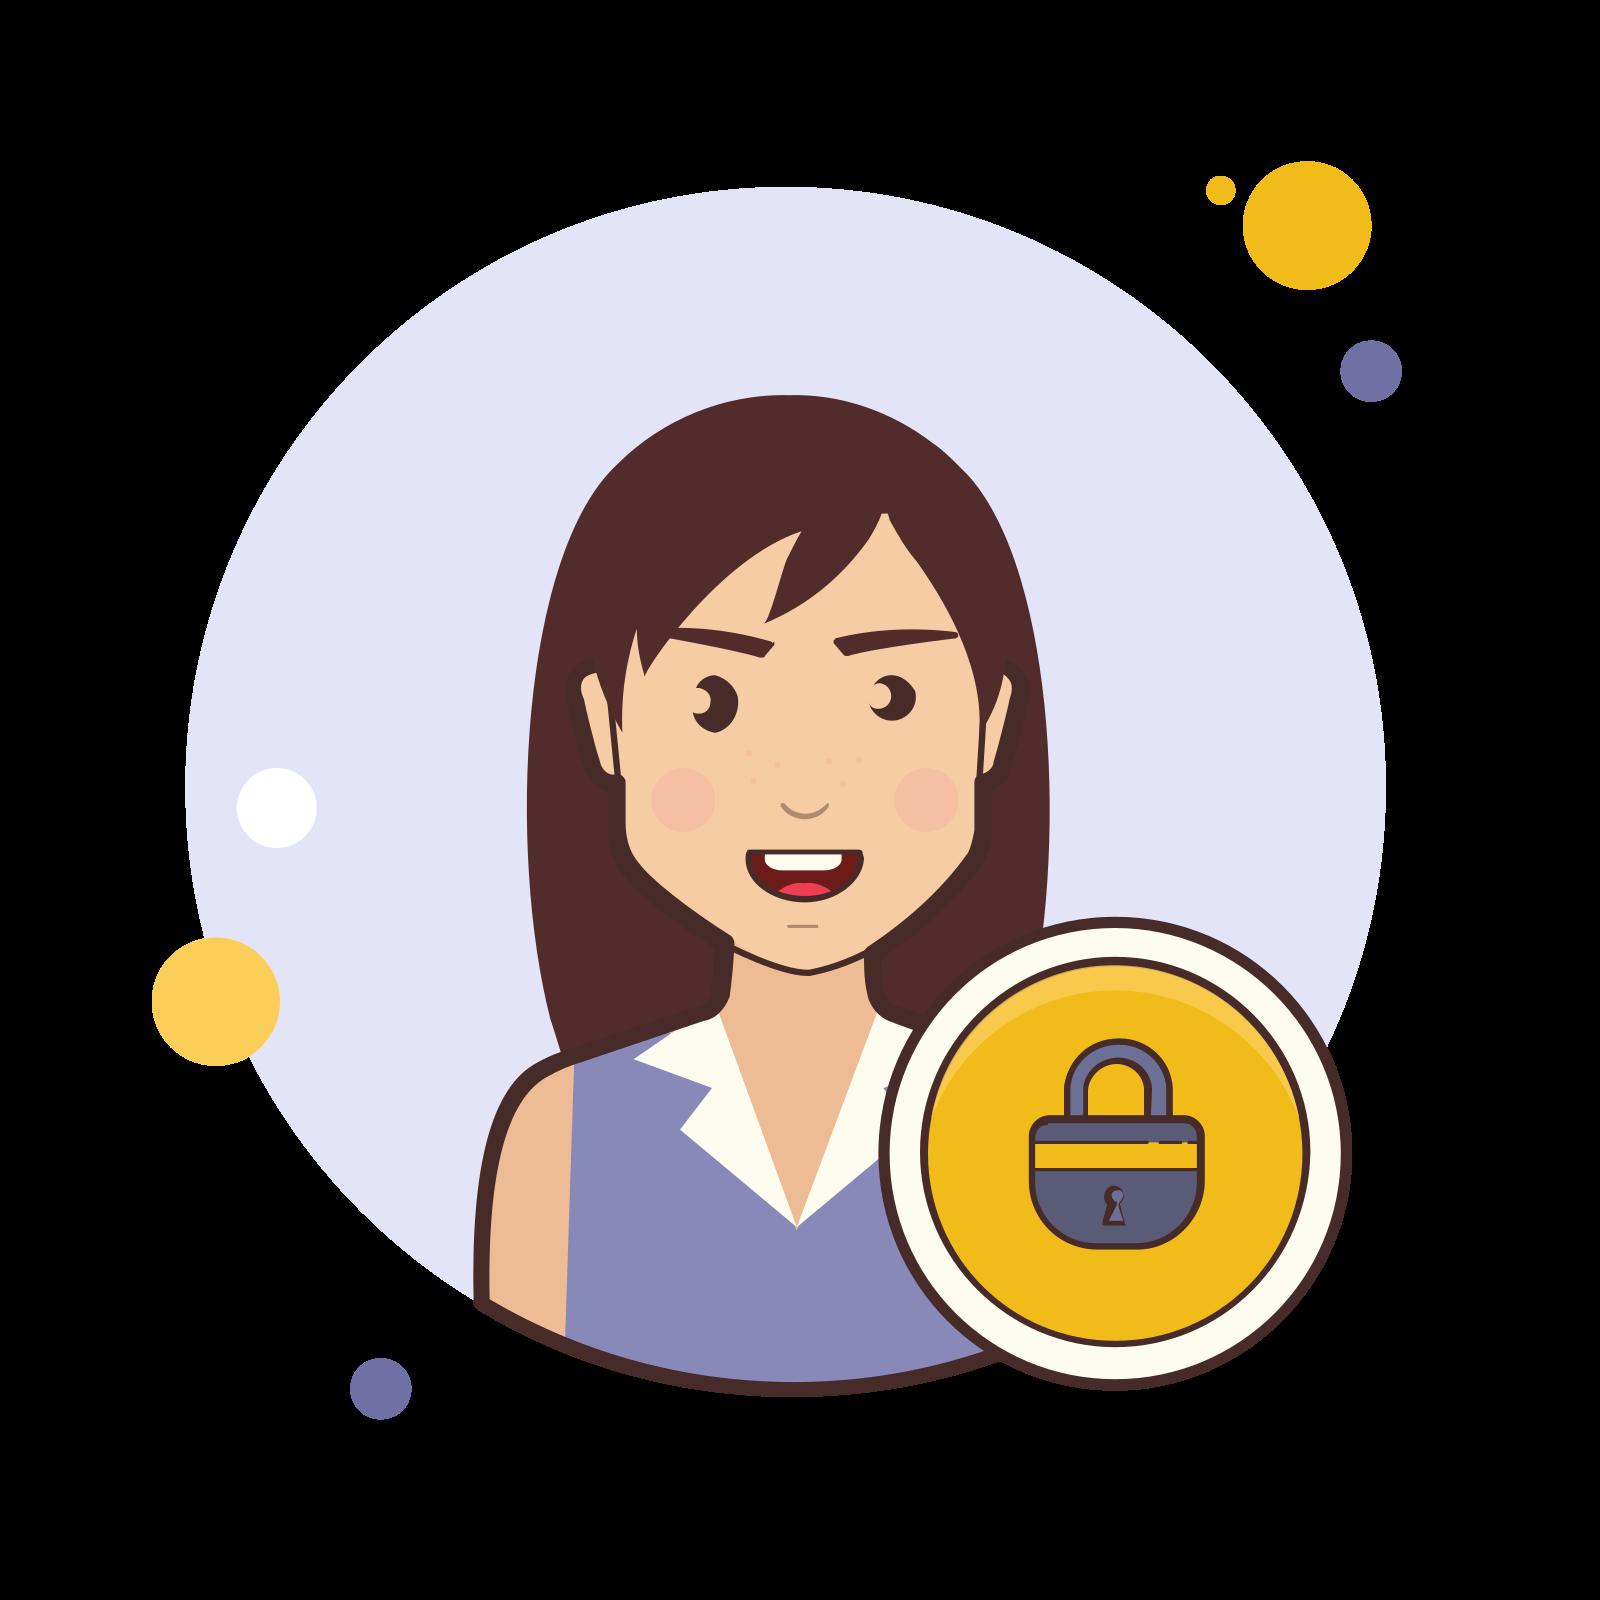 Lock Female User icon